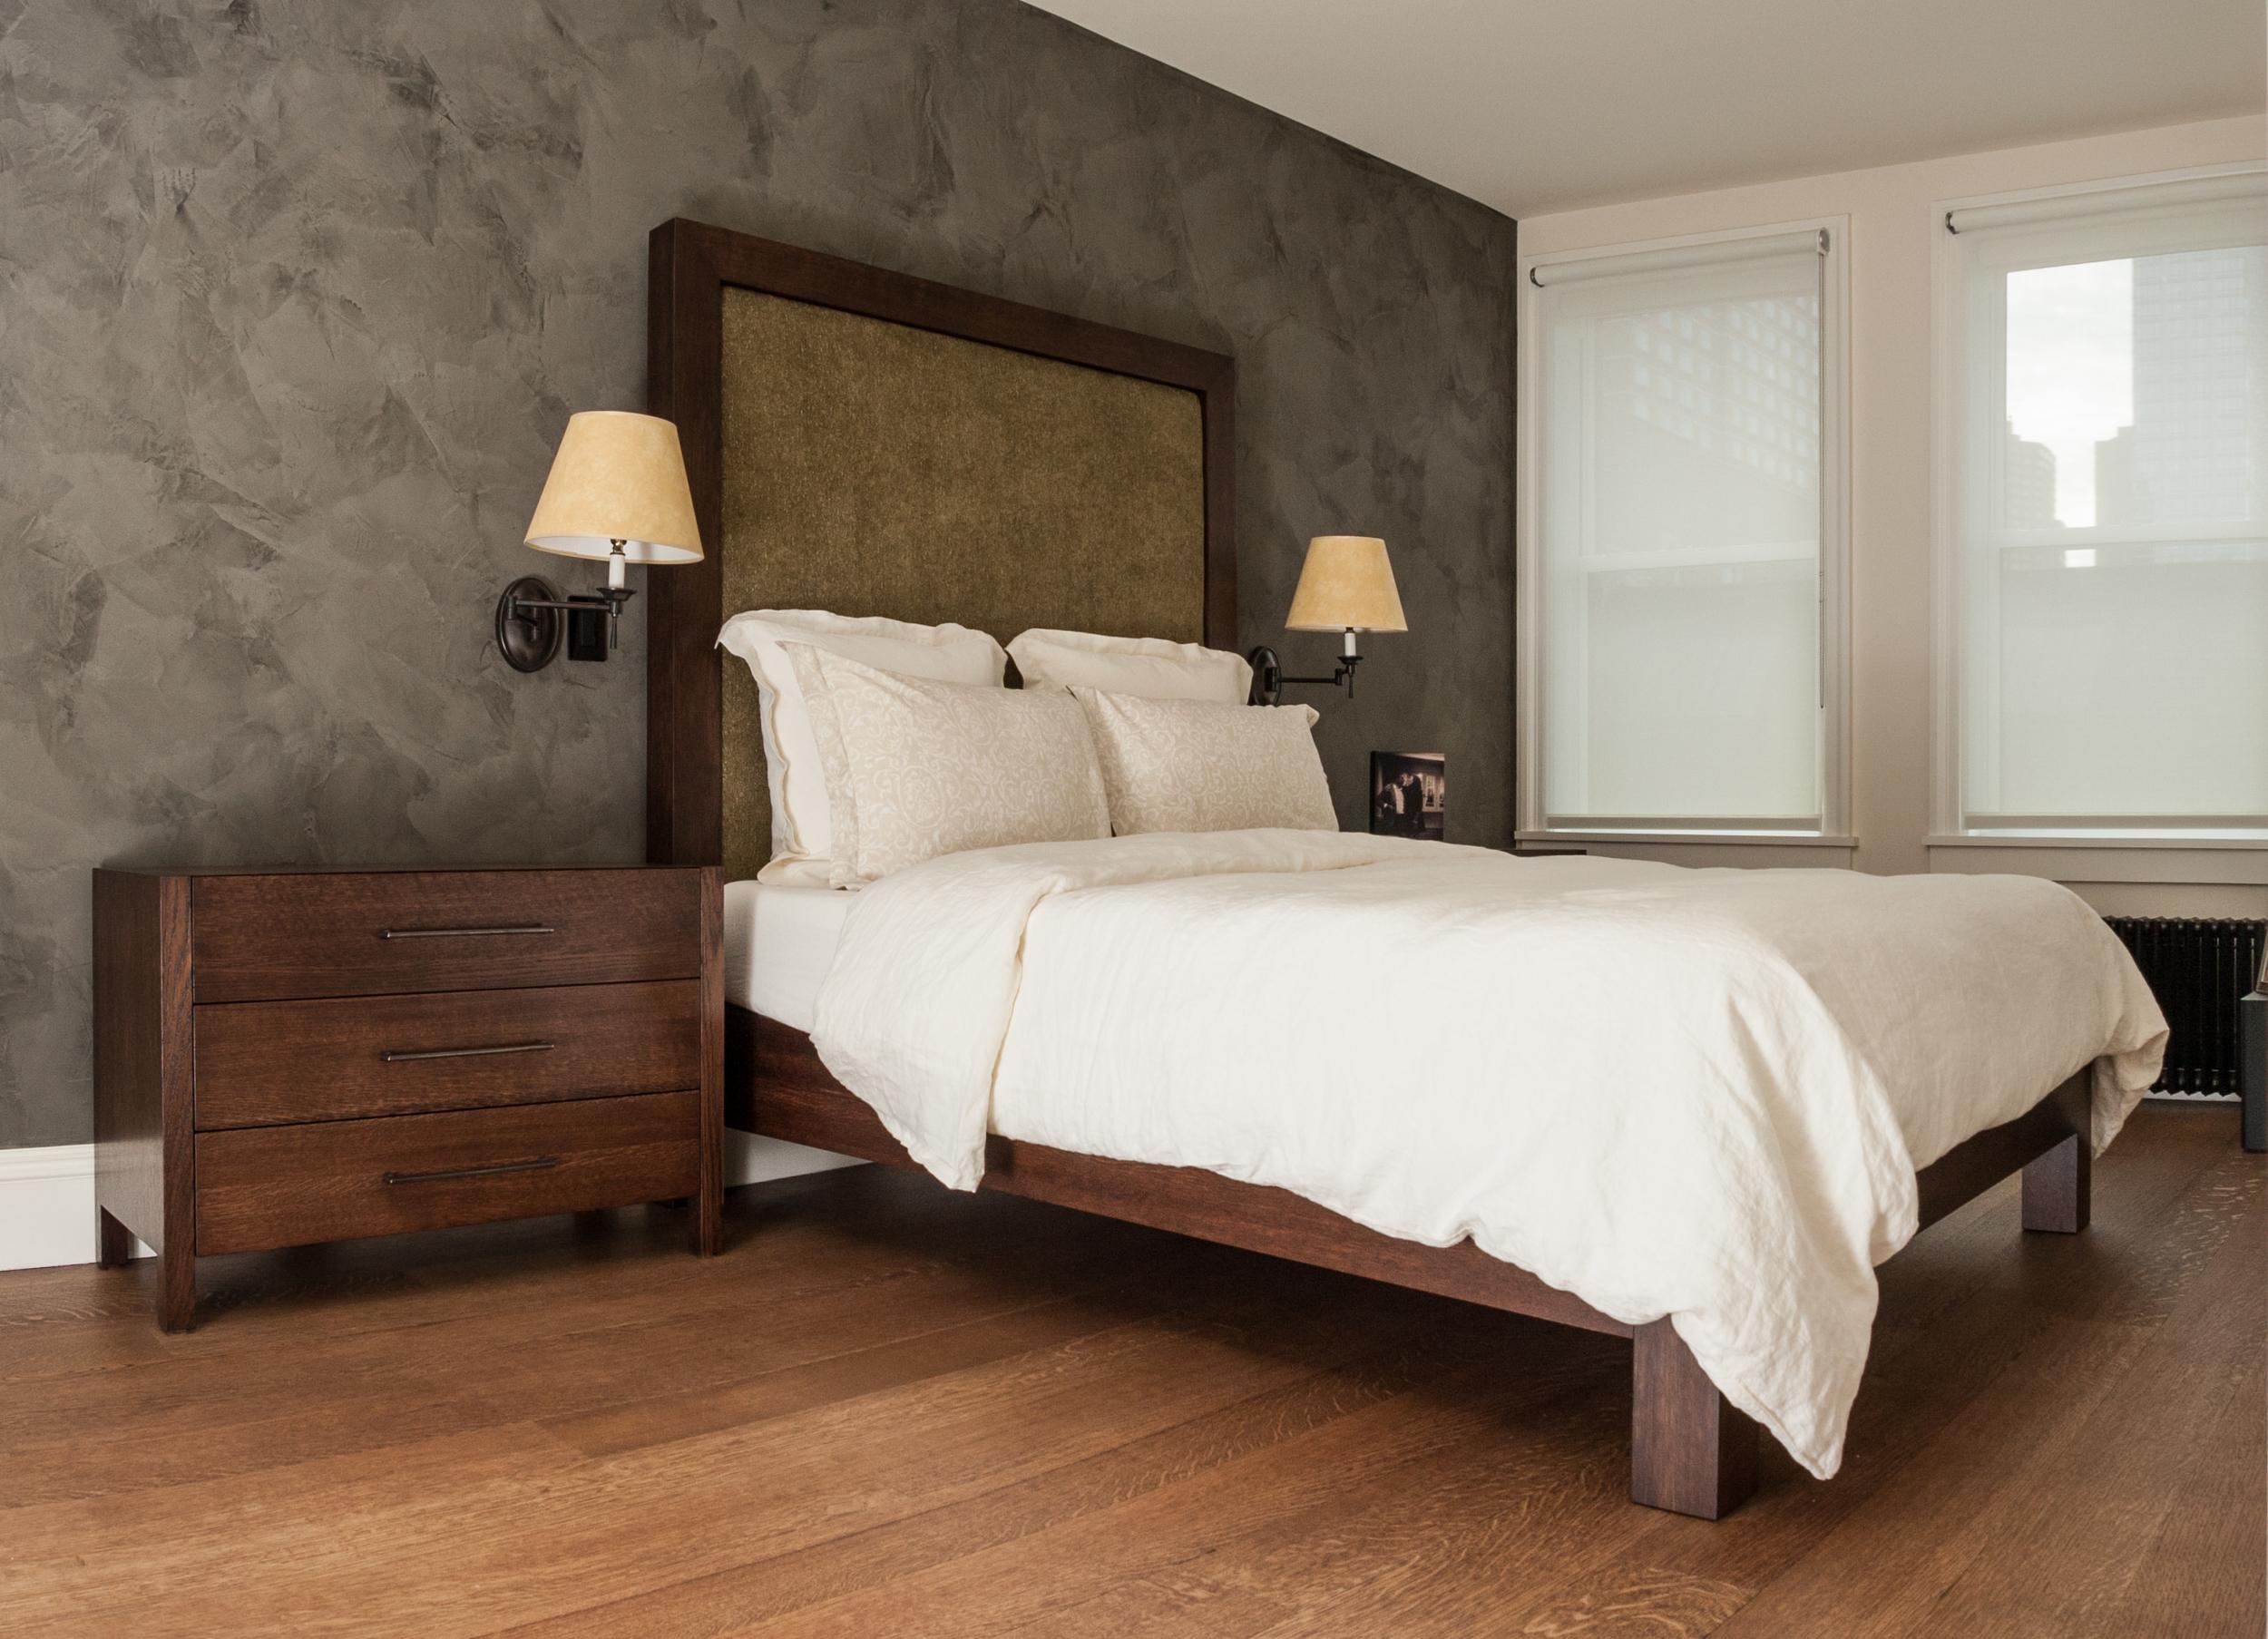 Bed + Nightstands